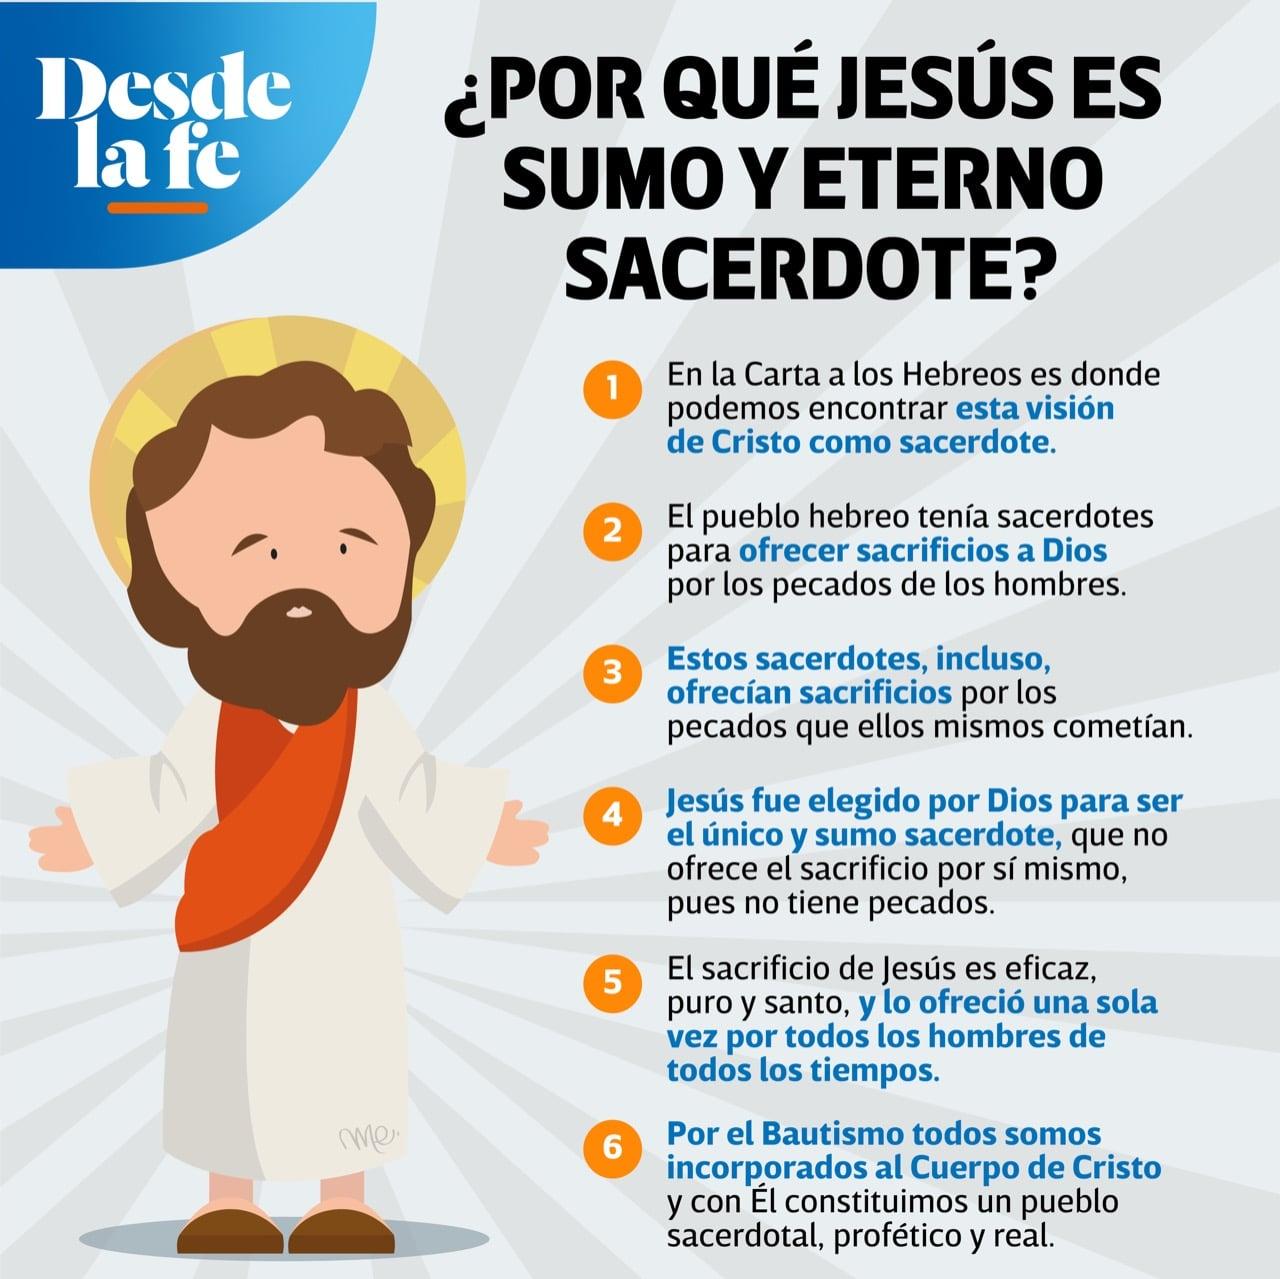 Jesucristo, Sumo y Eterno Sacerdote.